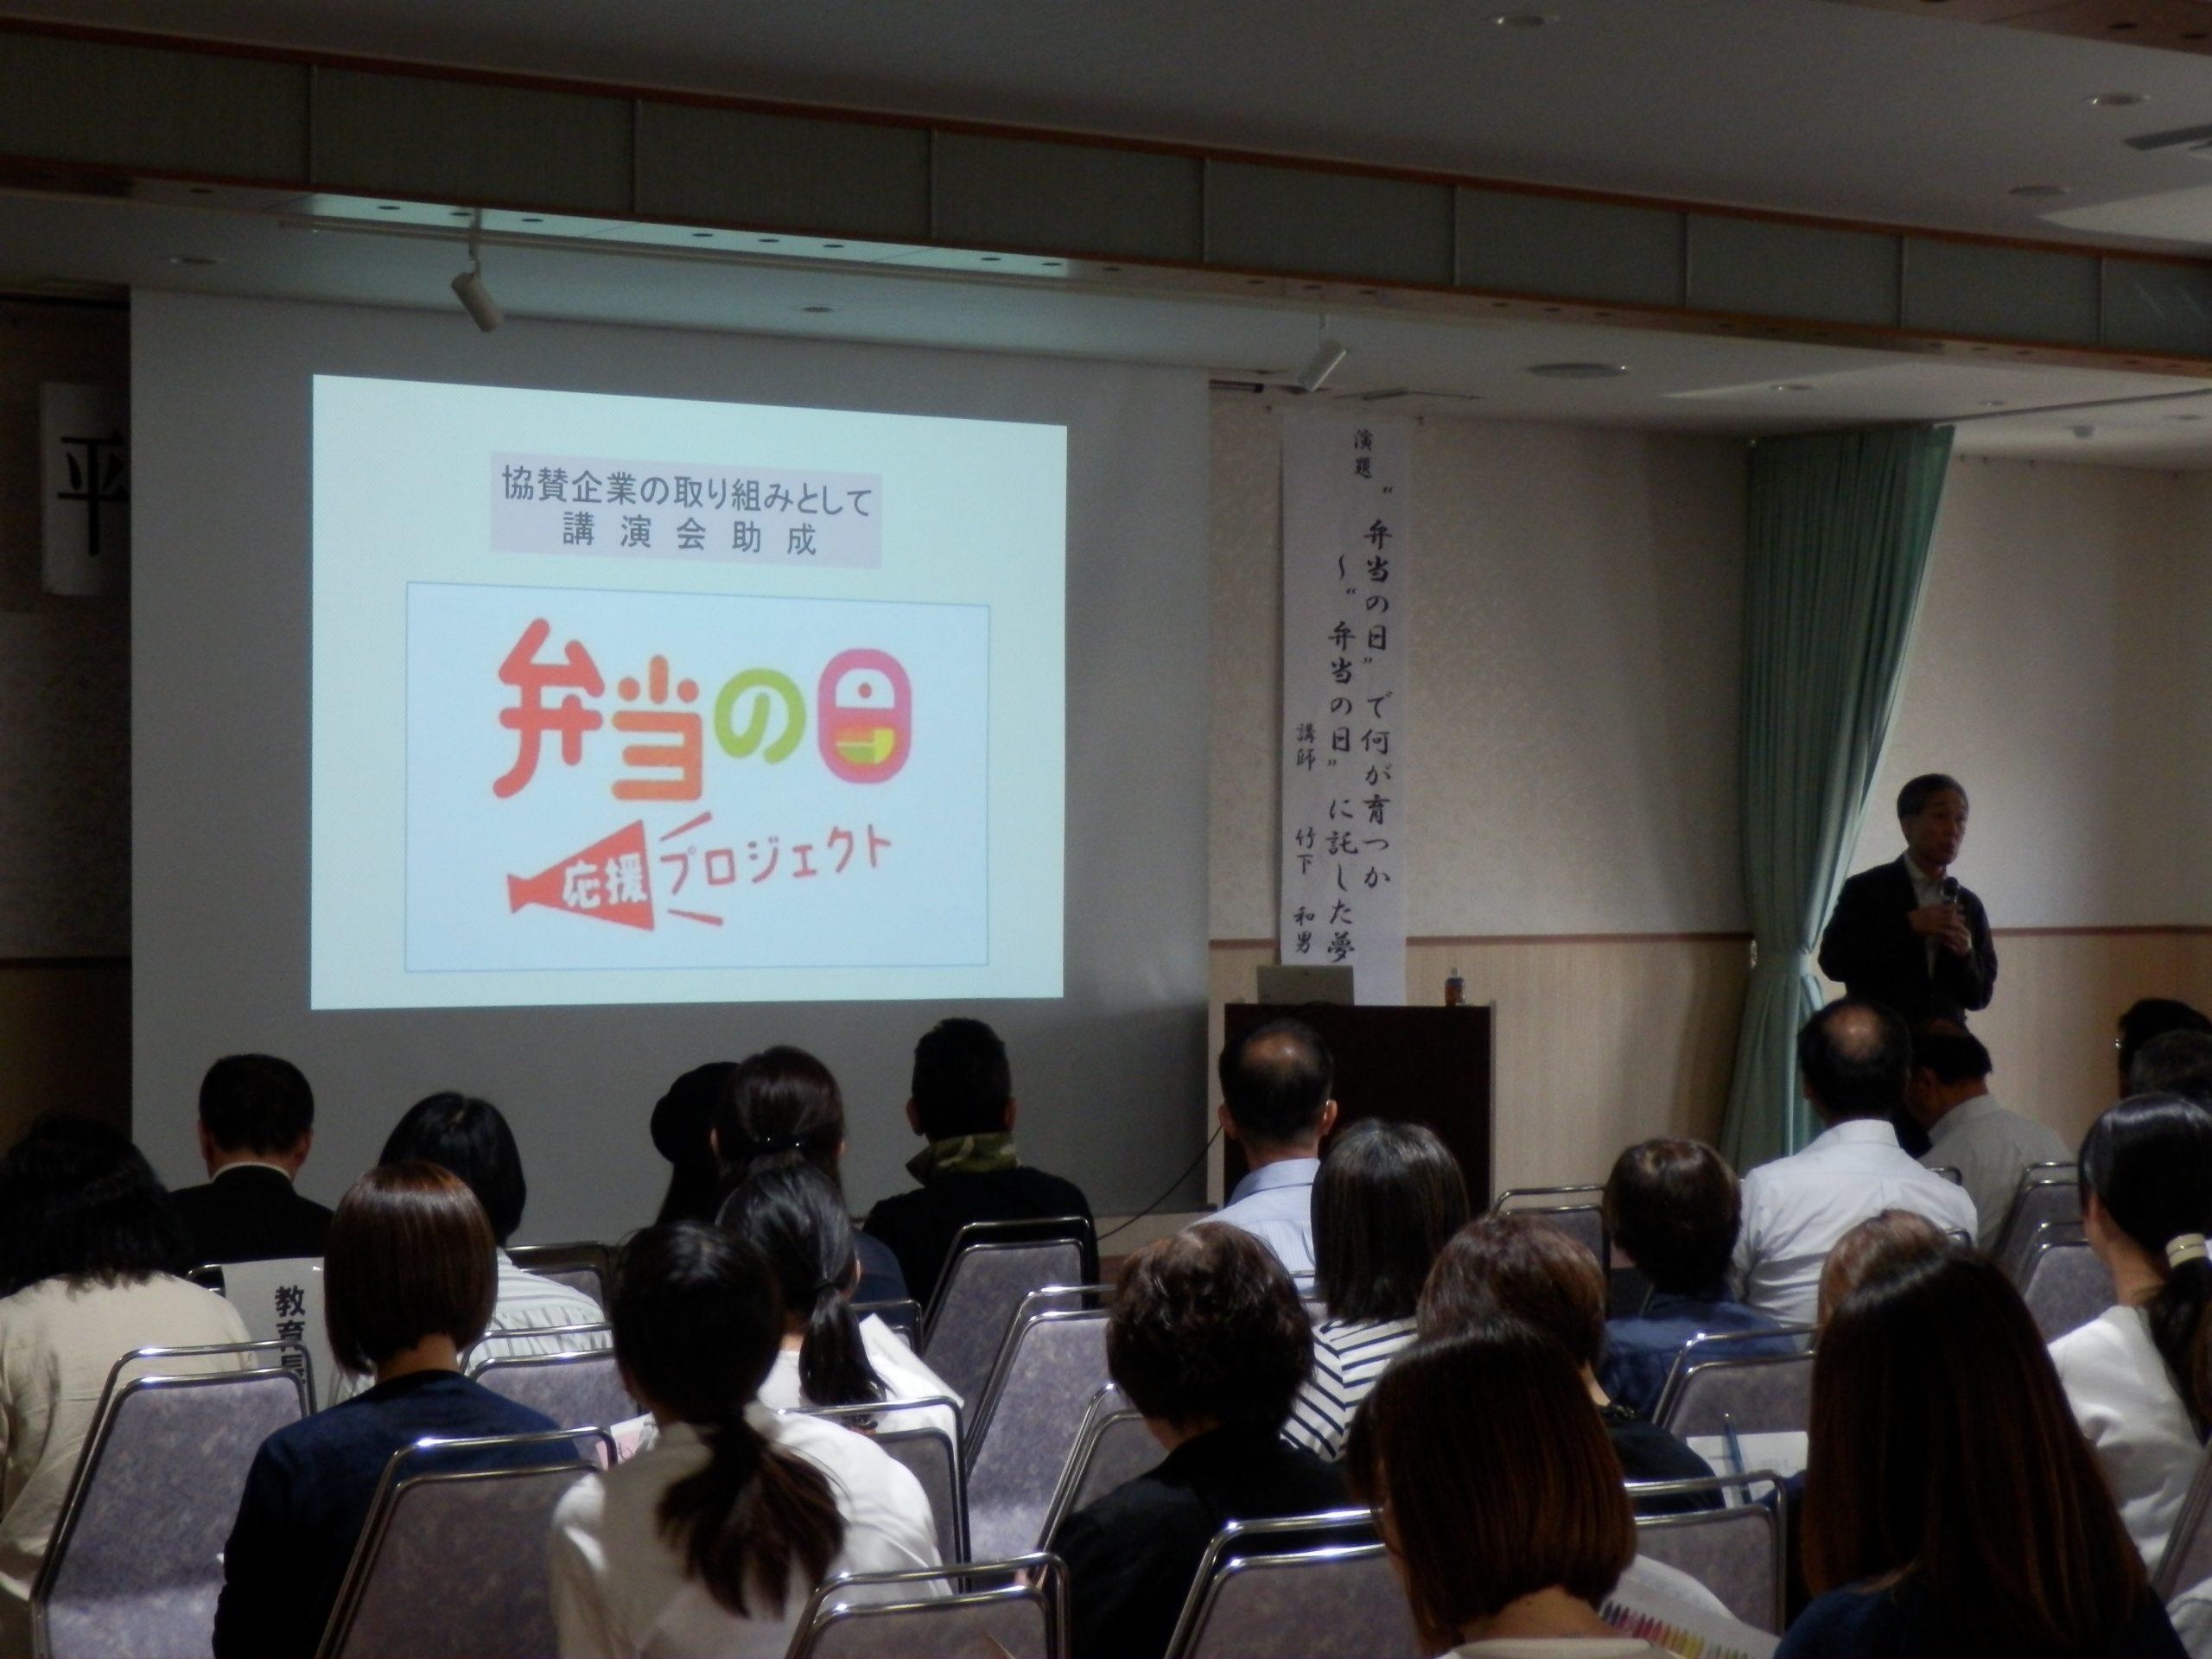 〈長野県〉駒ヶ根市教育委員会